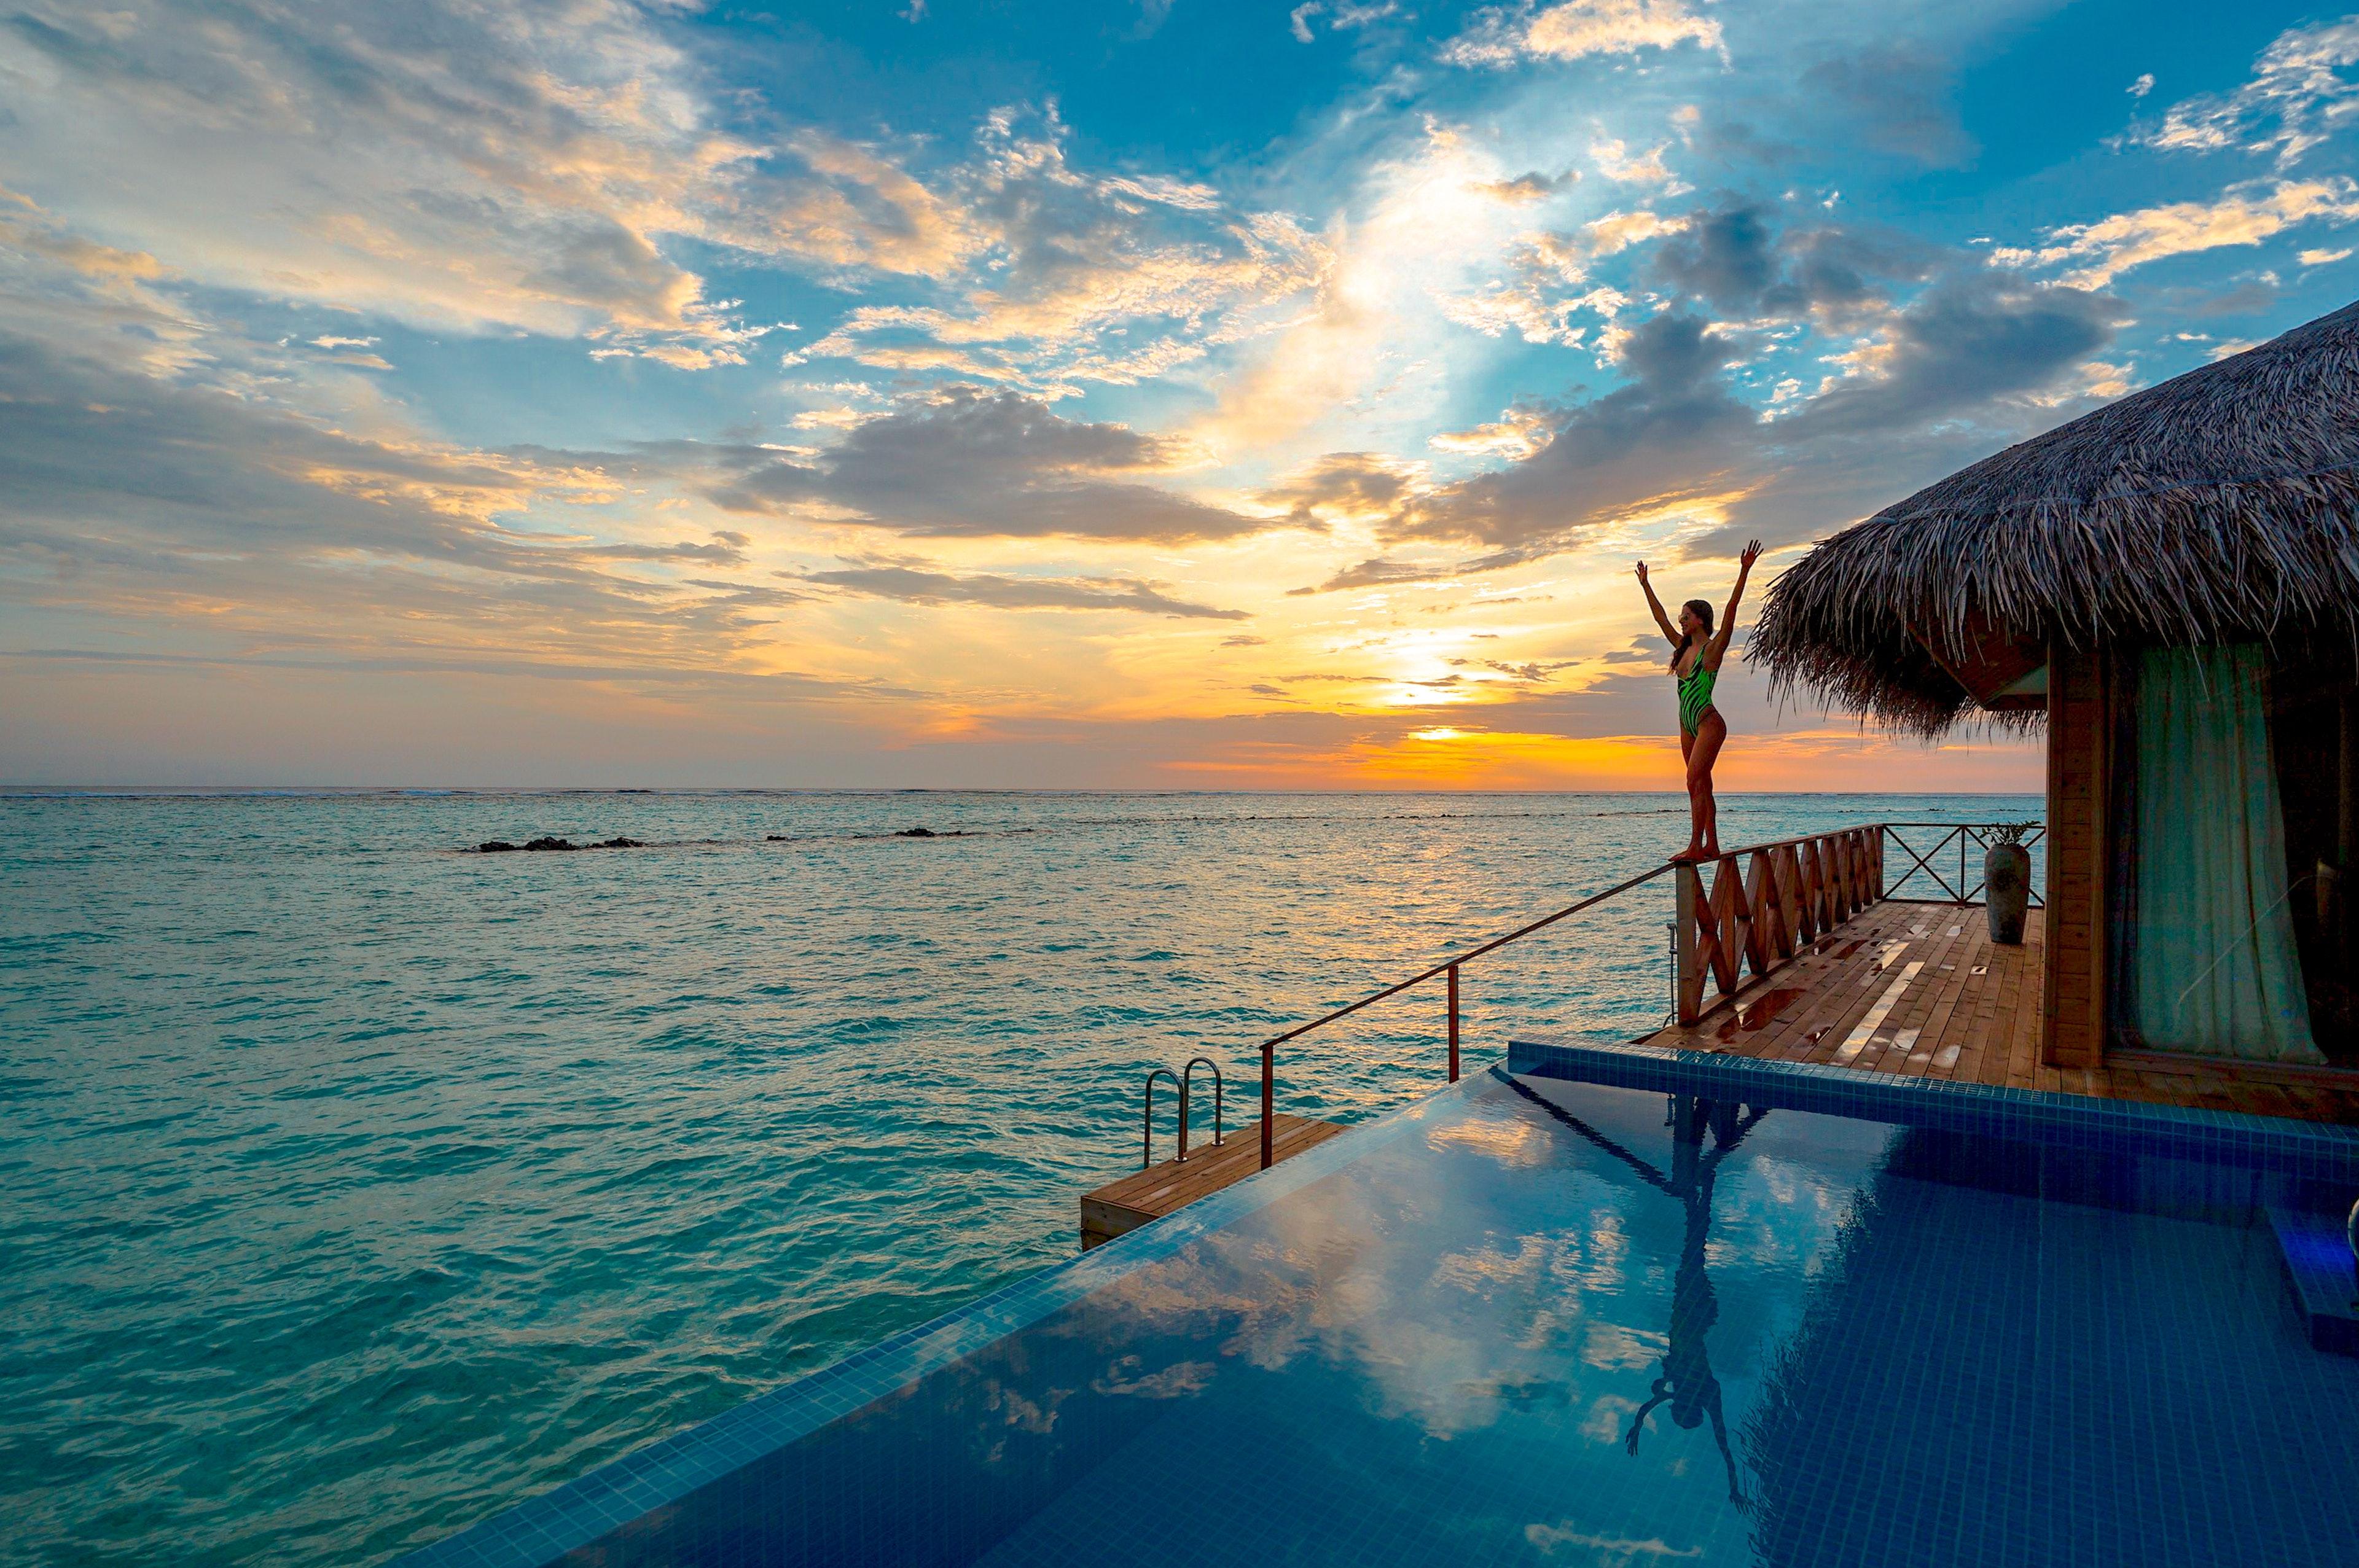 Jeune femme au bord de la piscine dans sa villa tropicale